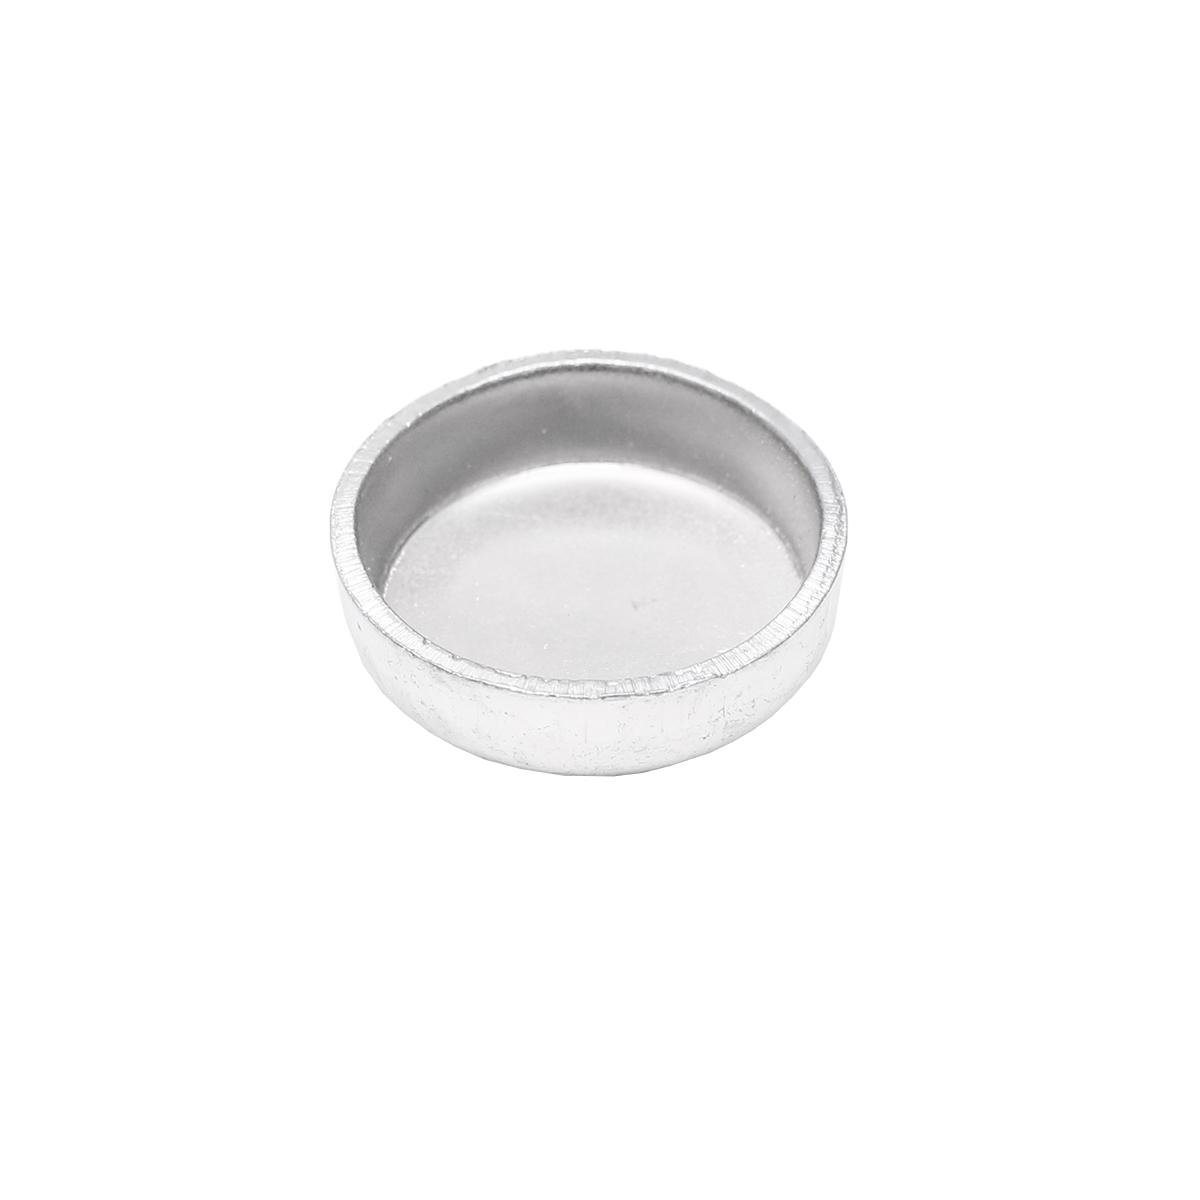 Dop gheata fi 28 (capac etansare)